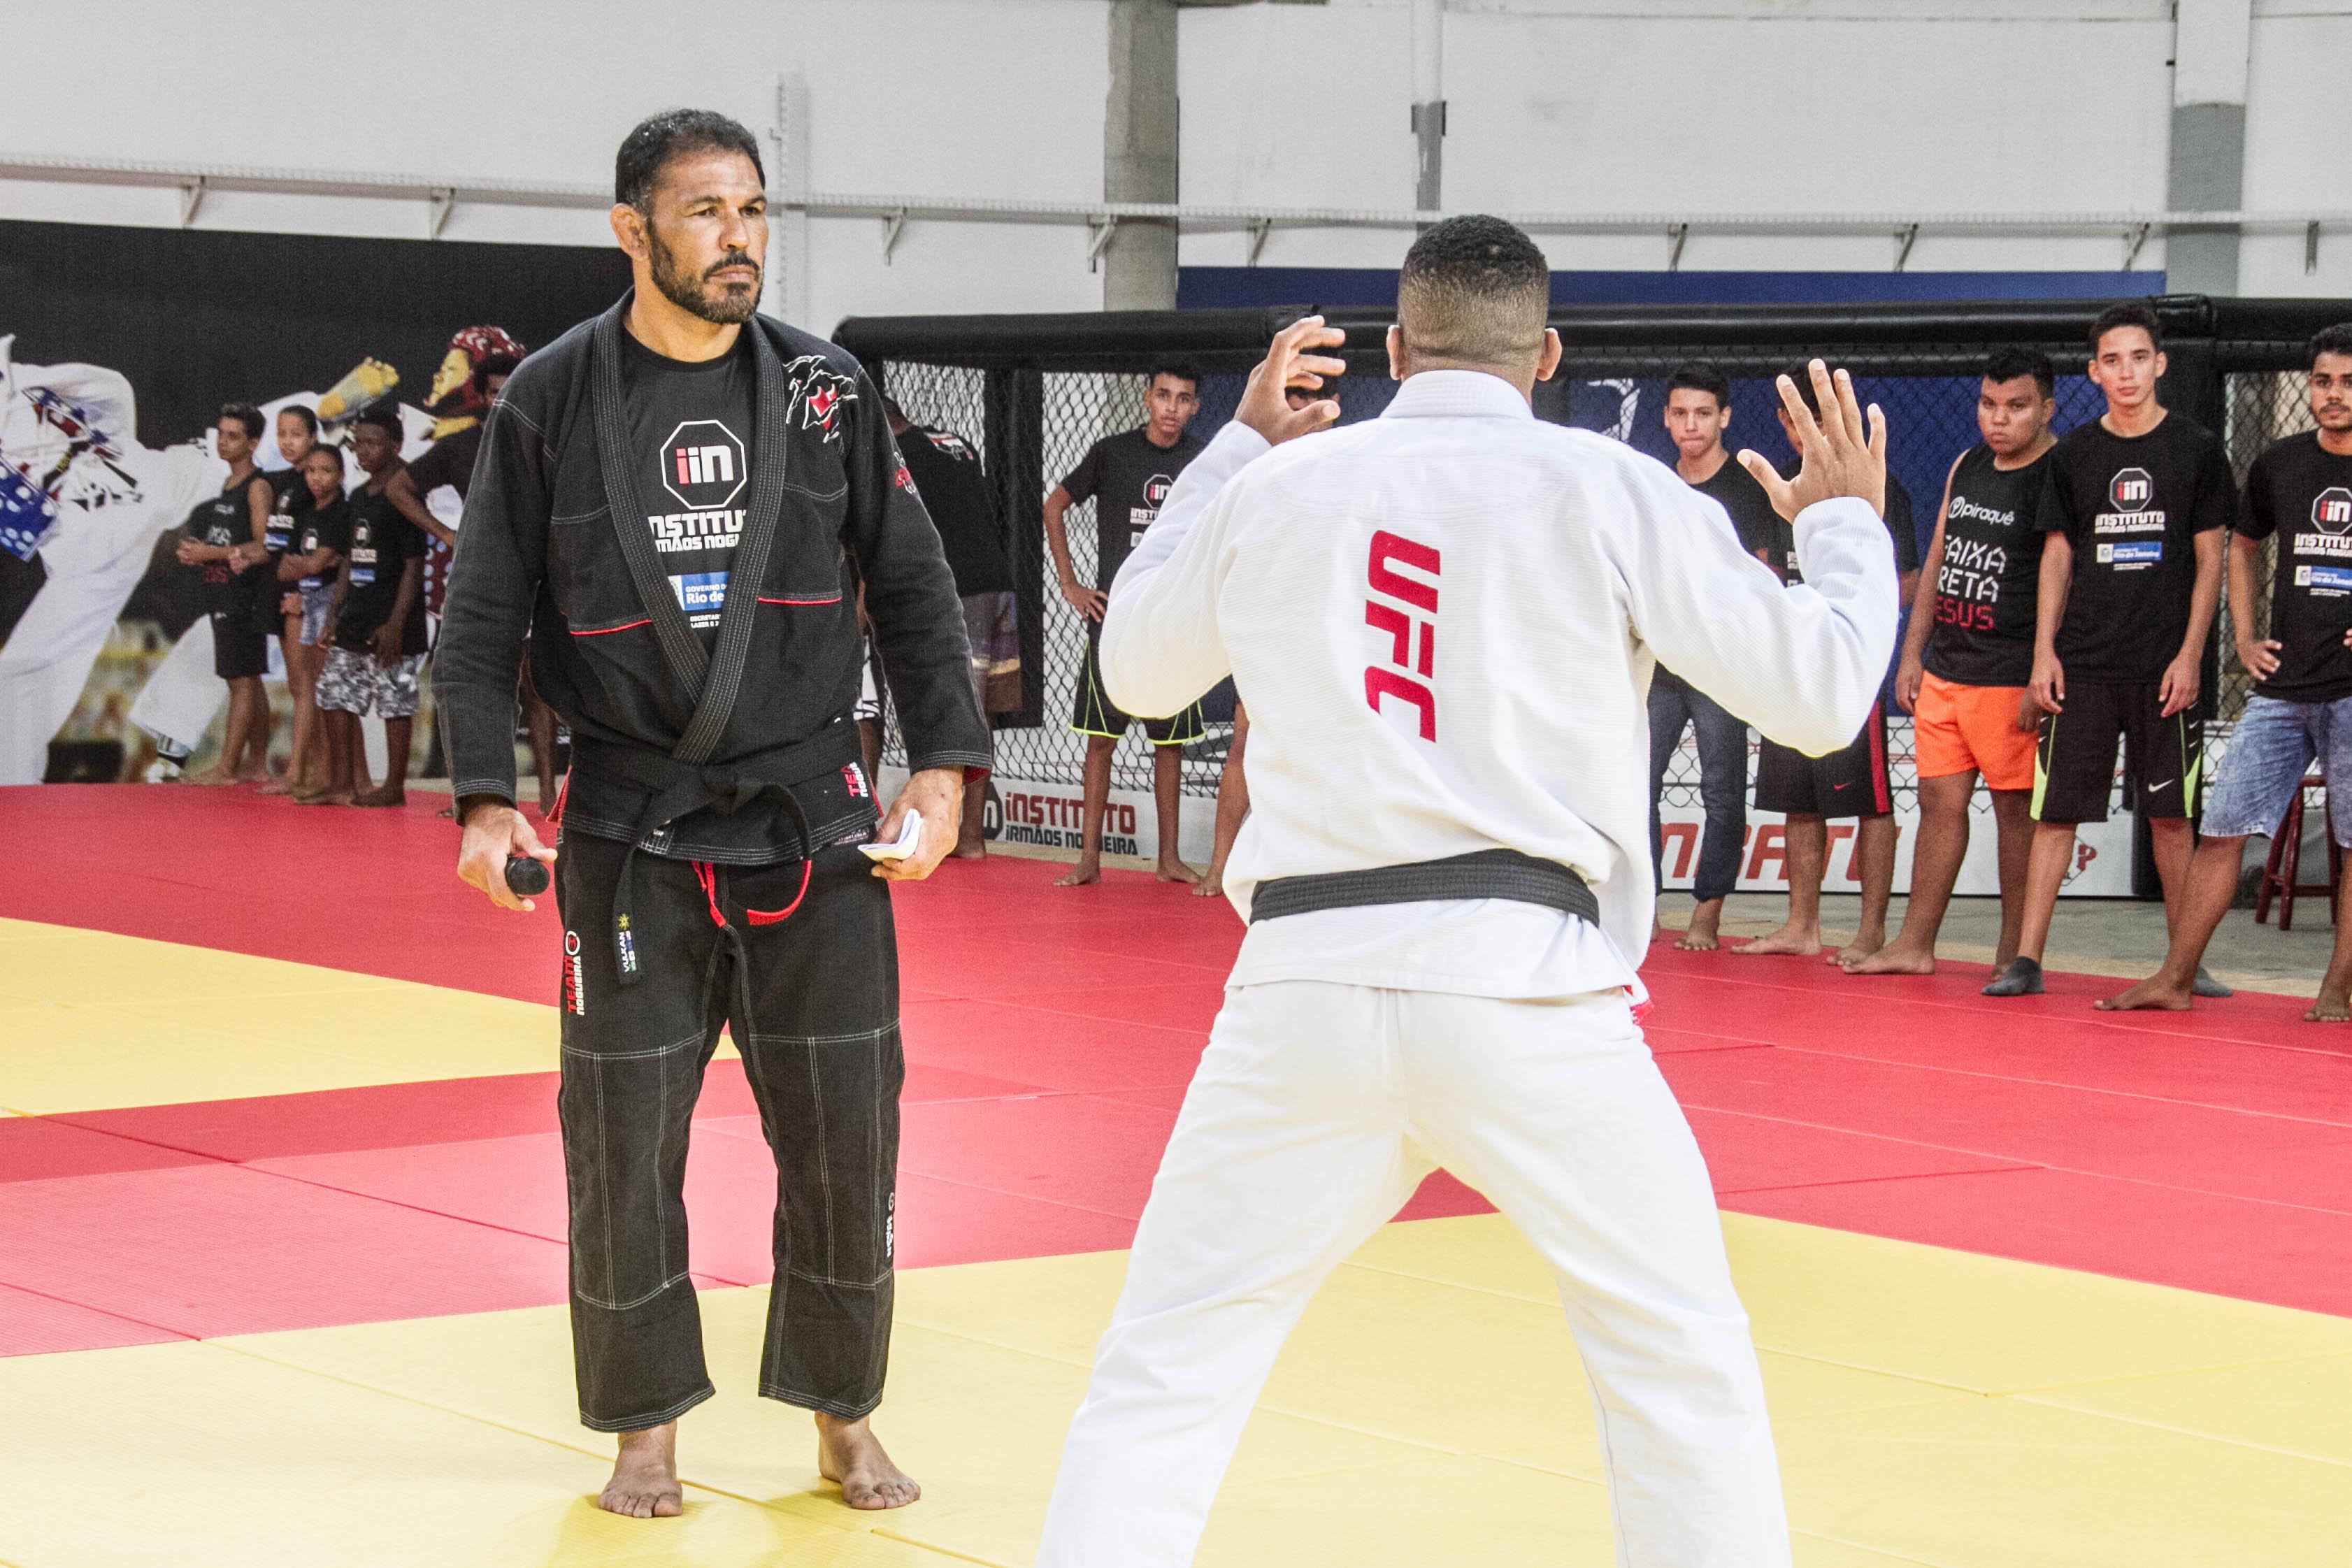 Minotauro comanda aulão social do UFC no Parque Olímpico